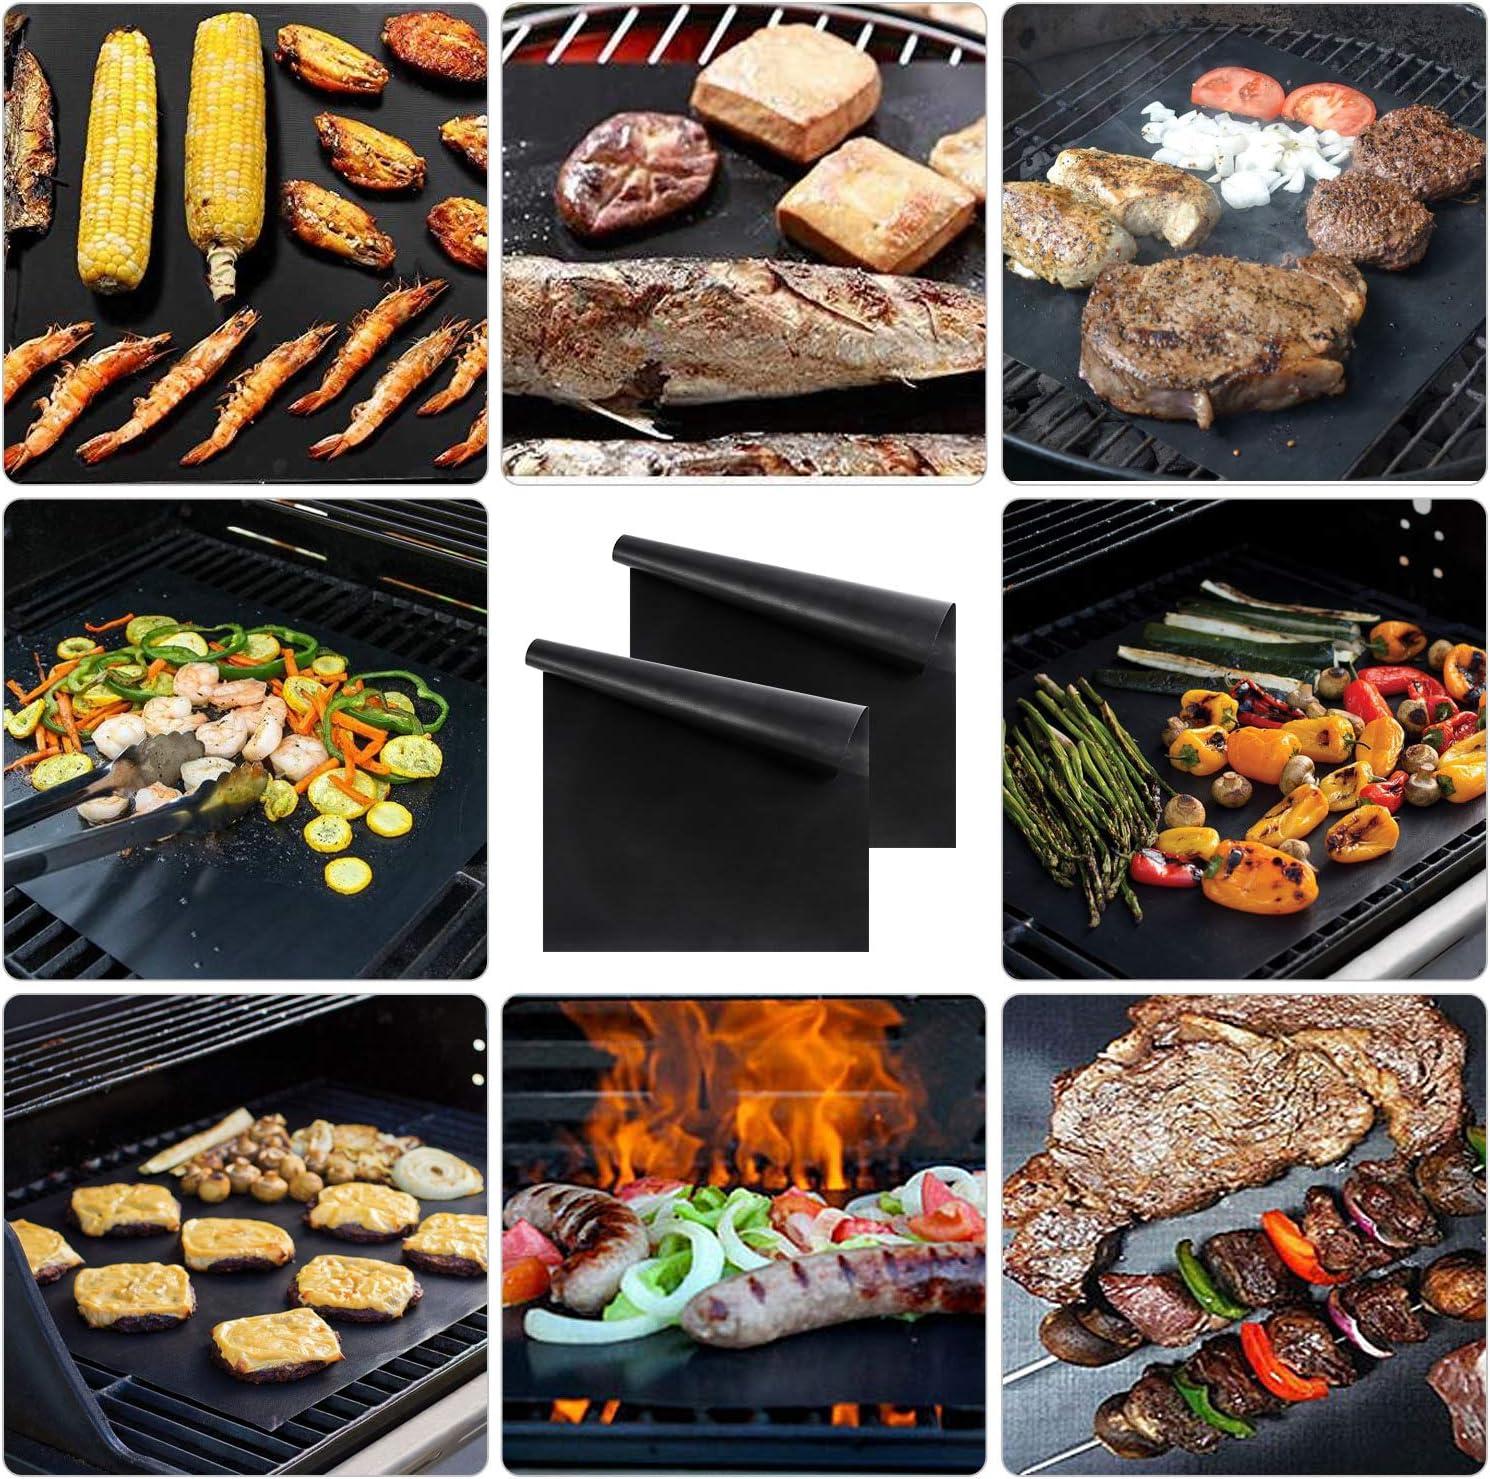 Oxford Street 7er set Stuoie Barbecue Antiaderente Riutilizzabili Senza-PFOA Resistente al Calore per Gas 5er+Spazzola+clip//40*33cm Forno e Carbone per Carne Pesce Verdure Tappetini per Barbecue